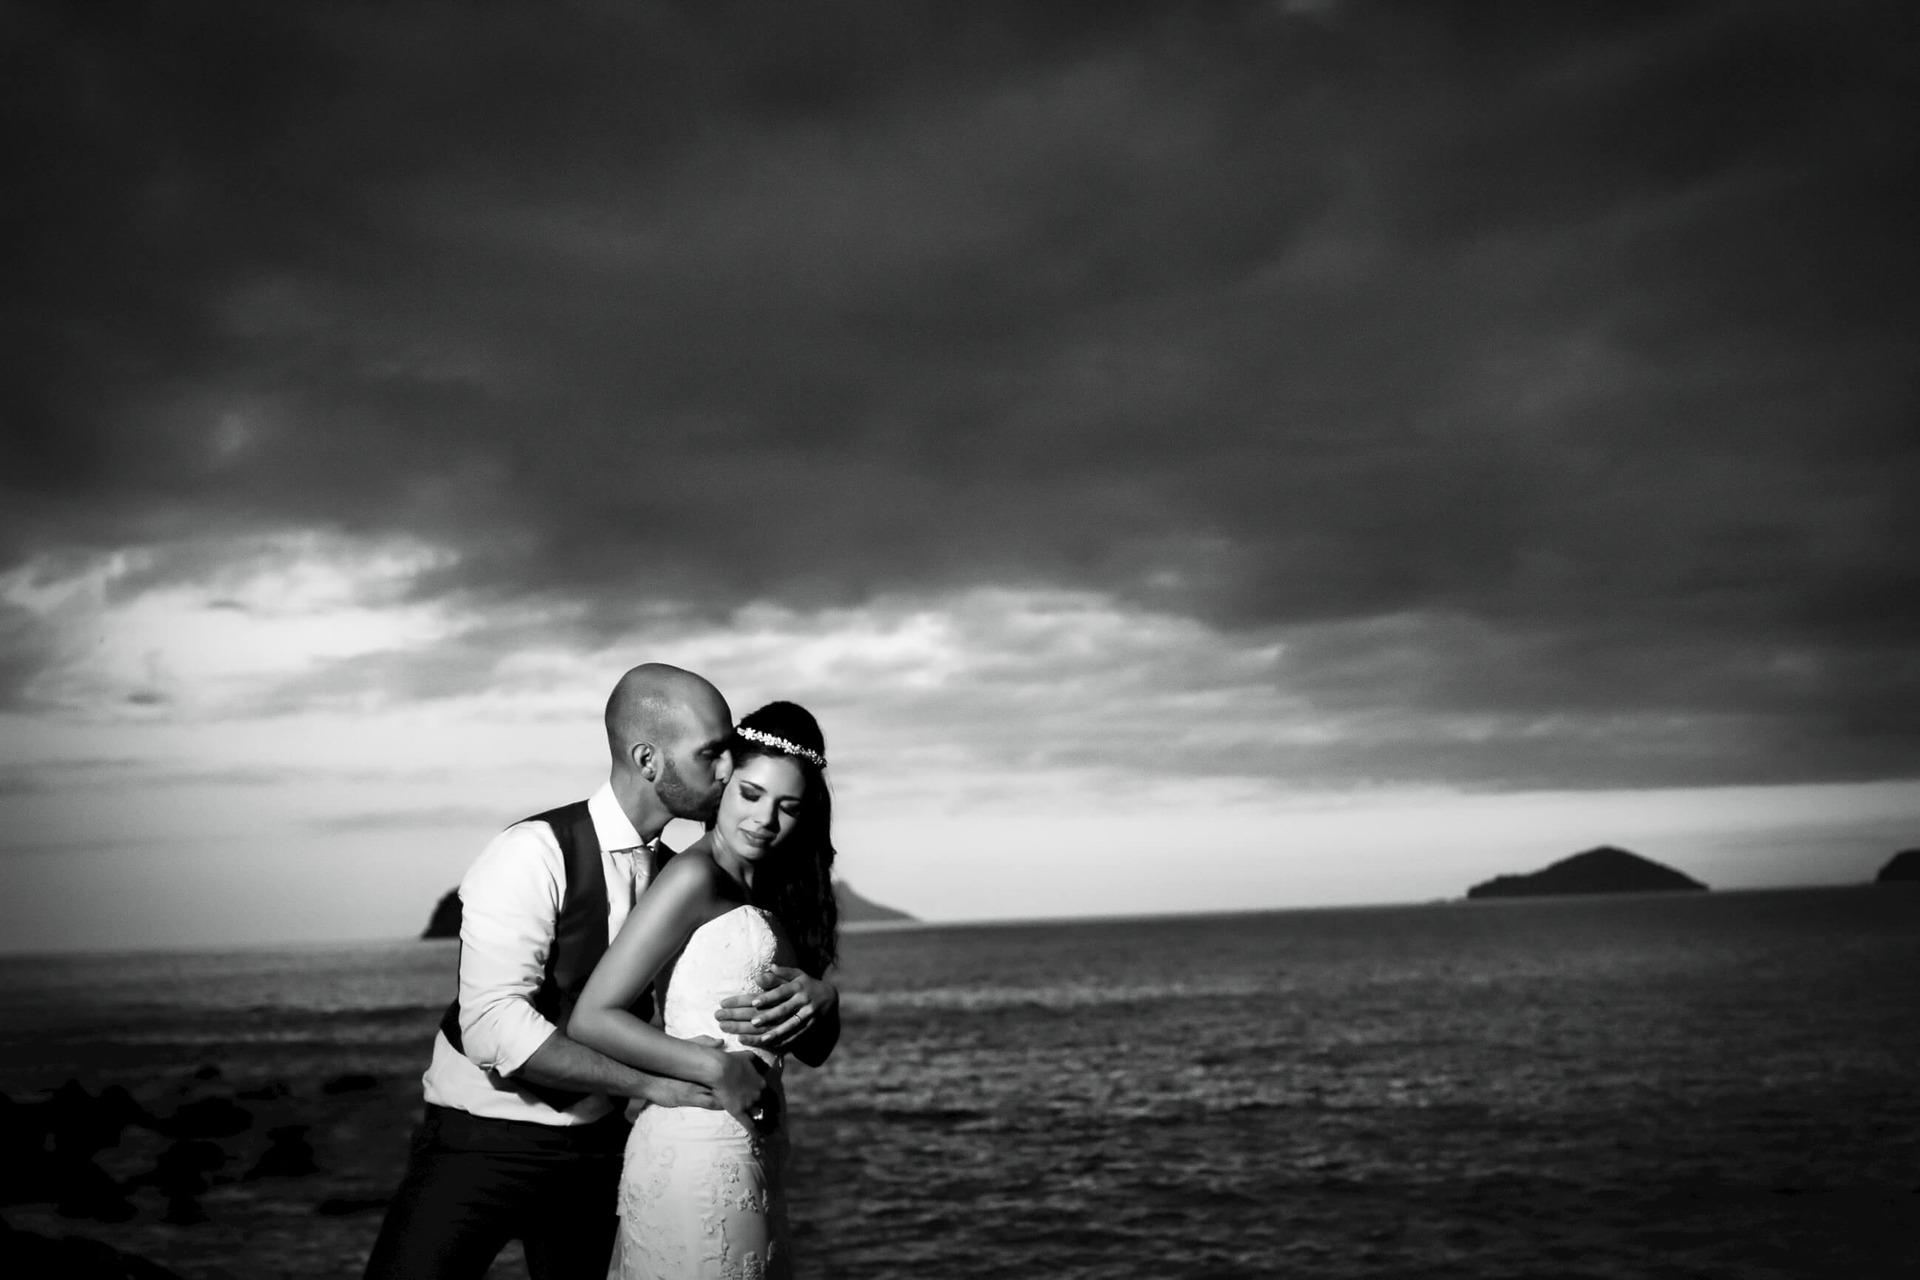 fotografo-de-casamento-em-avare-sp